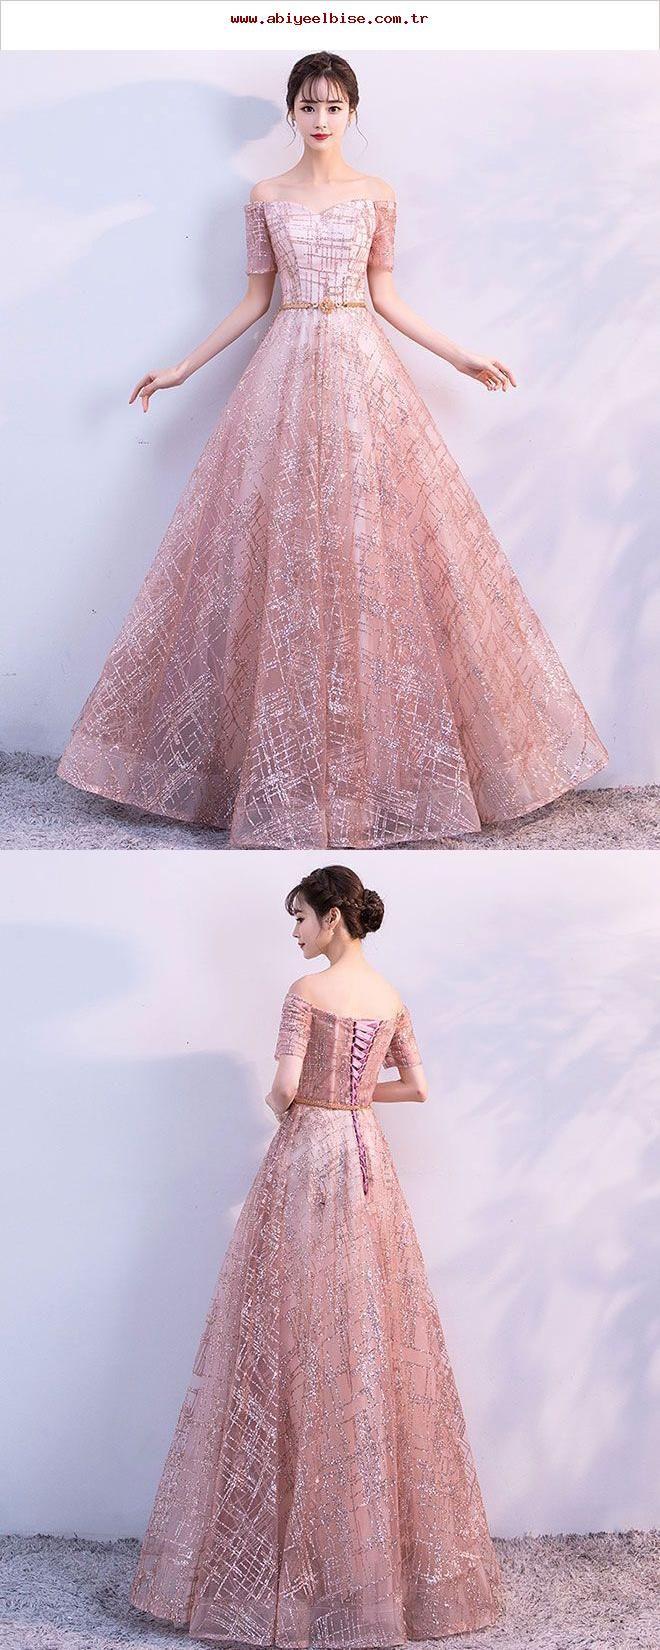 Designer Kreativ Schönes Abend Kleid für 201915 Elegant Schönes Abend Kleid Spezialgebiet